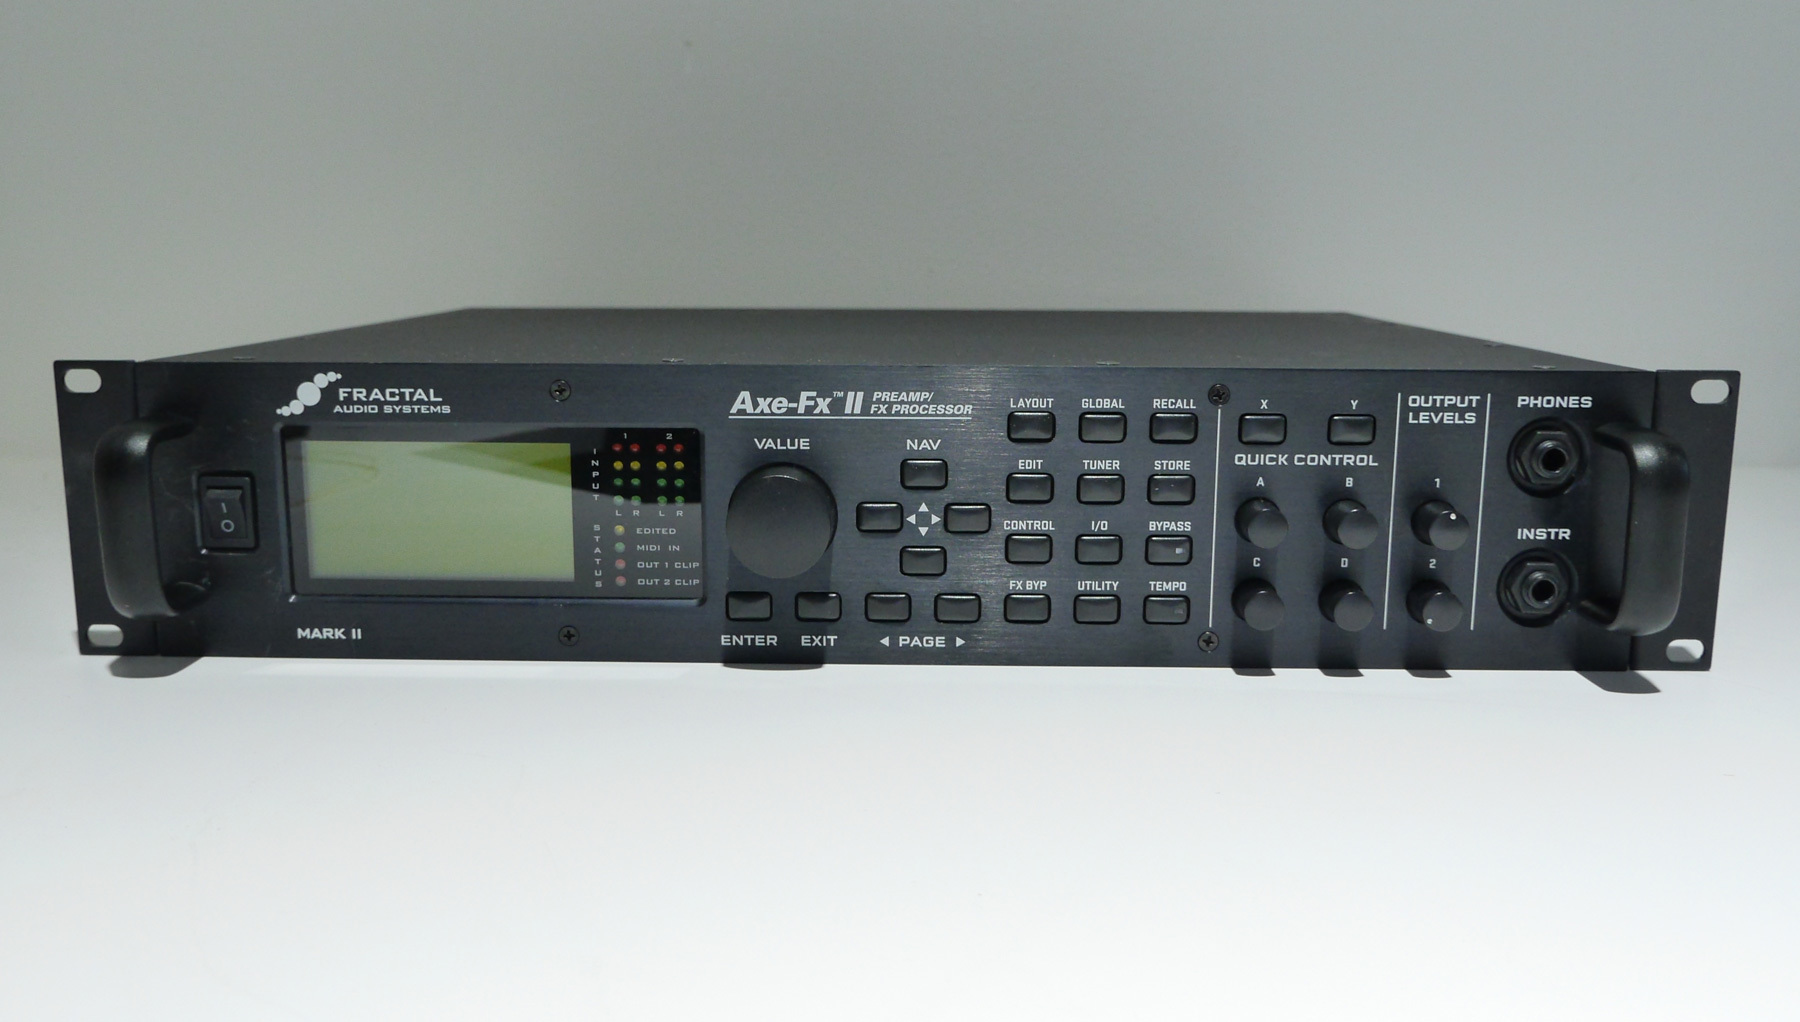 アンプシミュレータ fractal audio systems axe fx ii mark ii 2018年